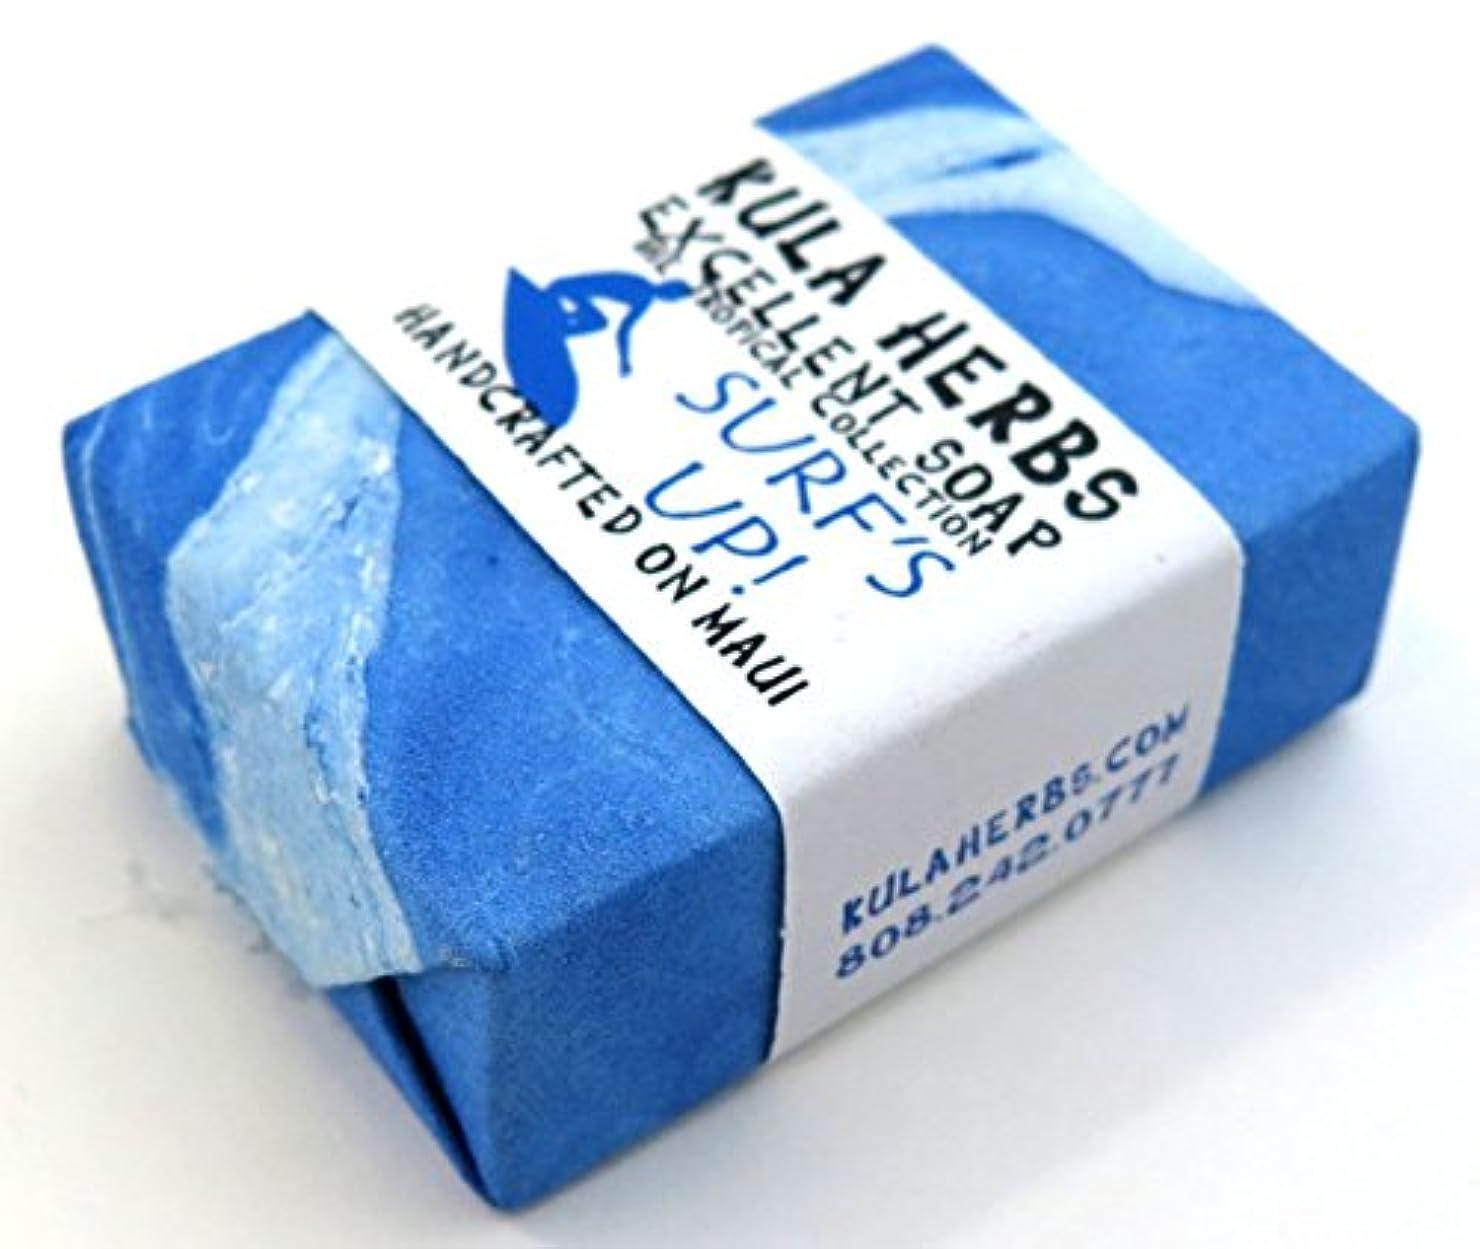 ラッカス似ている考案するハワイ お土産 ハワイアン雑貨 クラハーブス エクセレント ソープ 石鹸 30g (白檀)